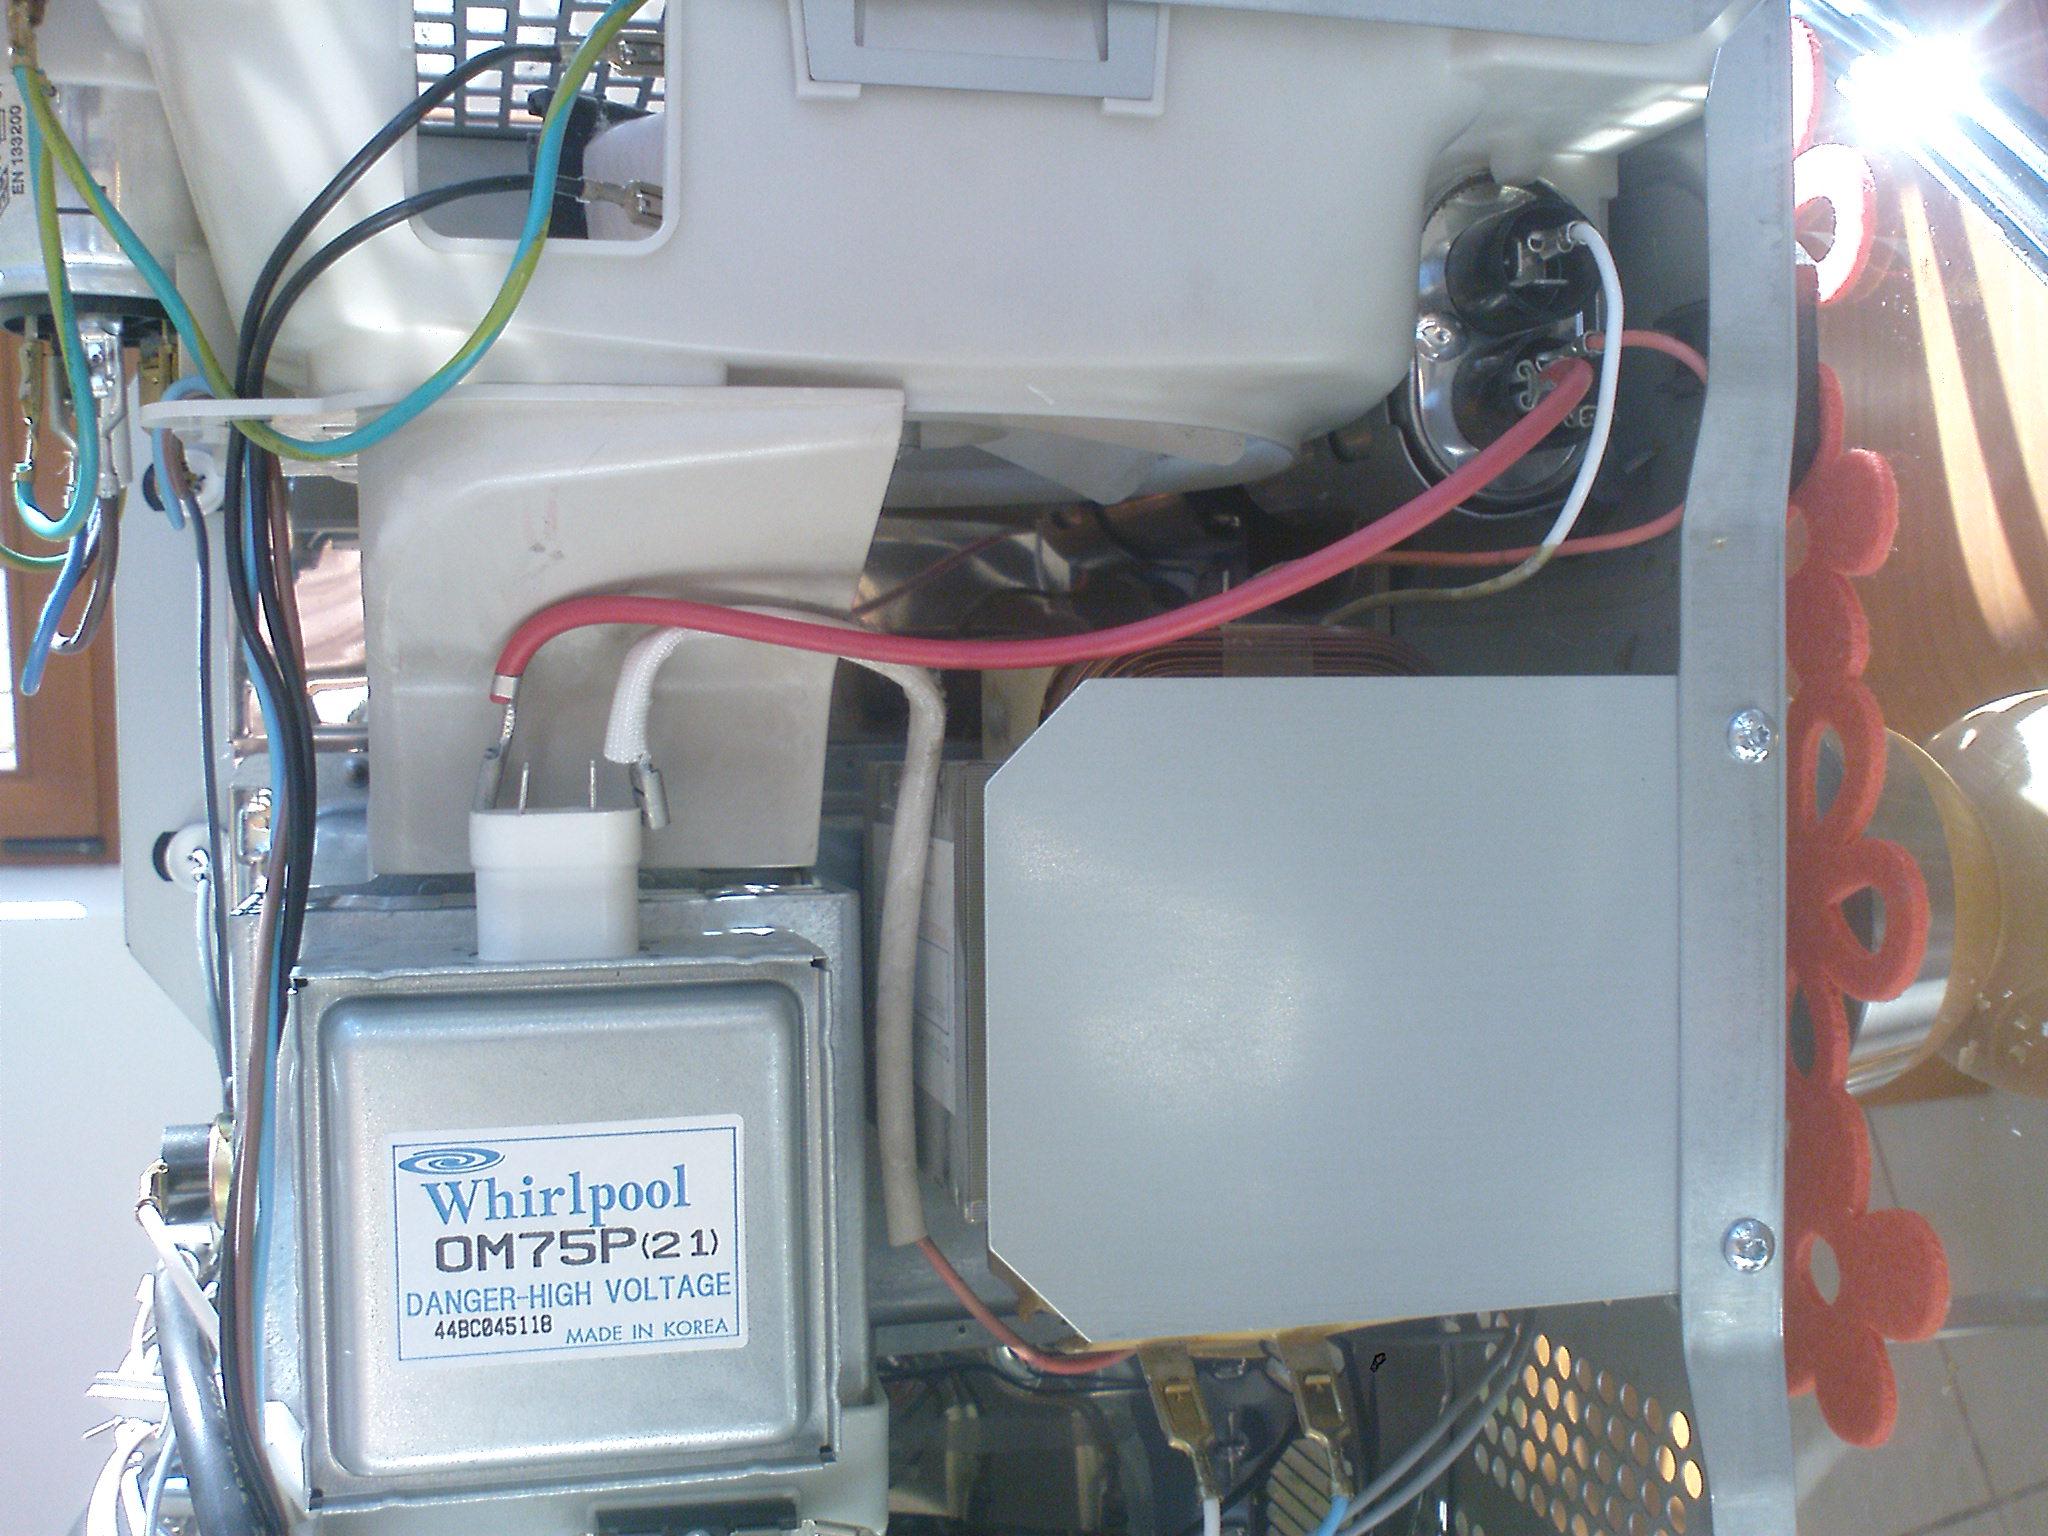 mikrofala whirlpool at326/wh = nie grzeje -cz�ciowo sprawna- po kr�tkim spi�ciu